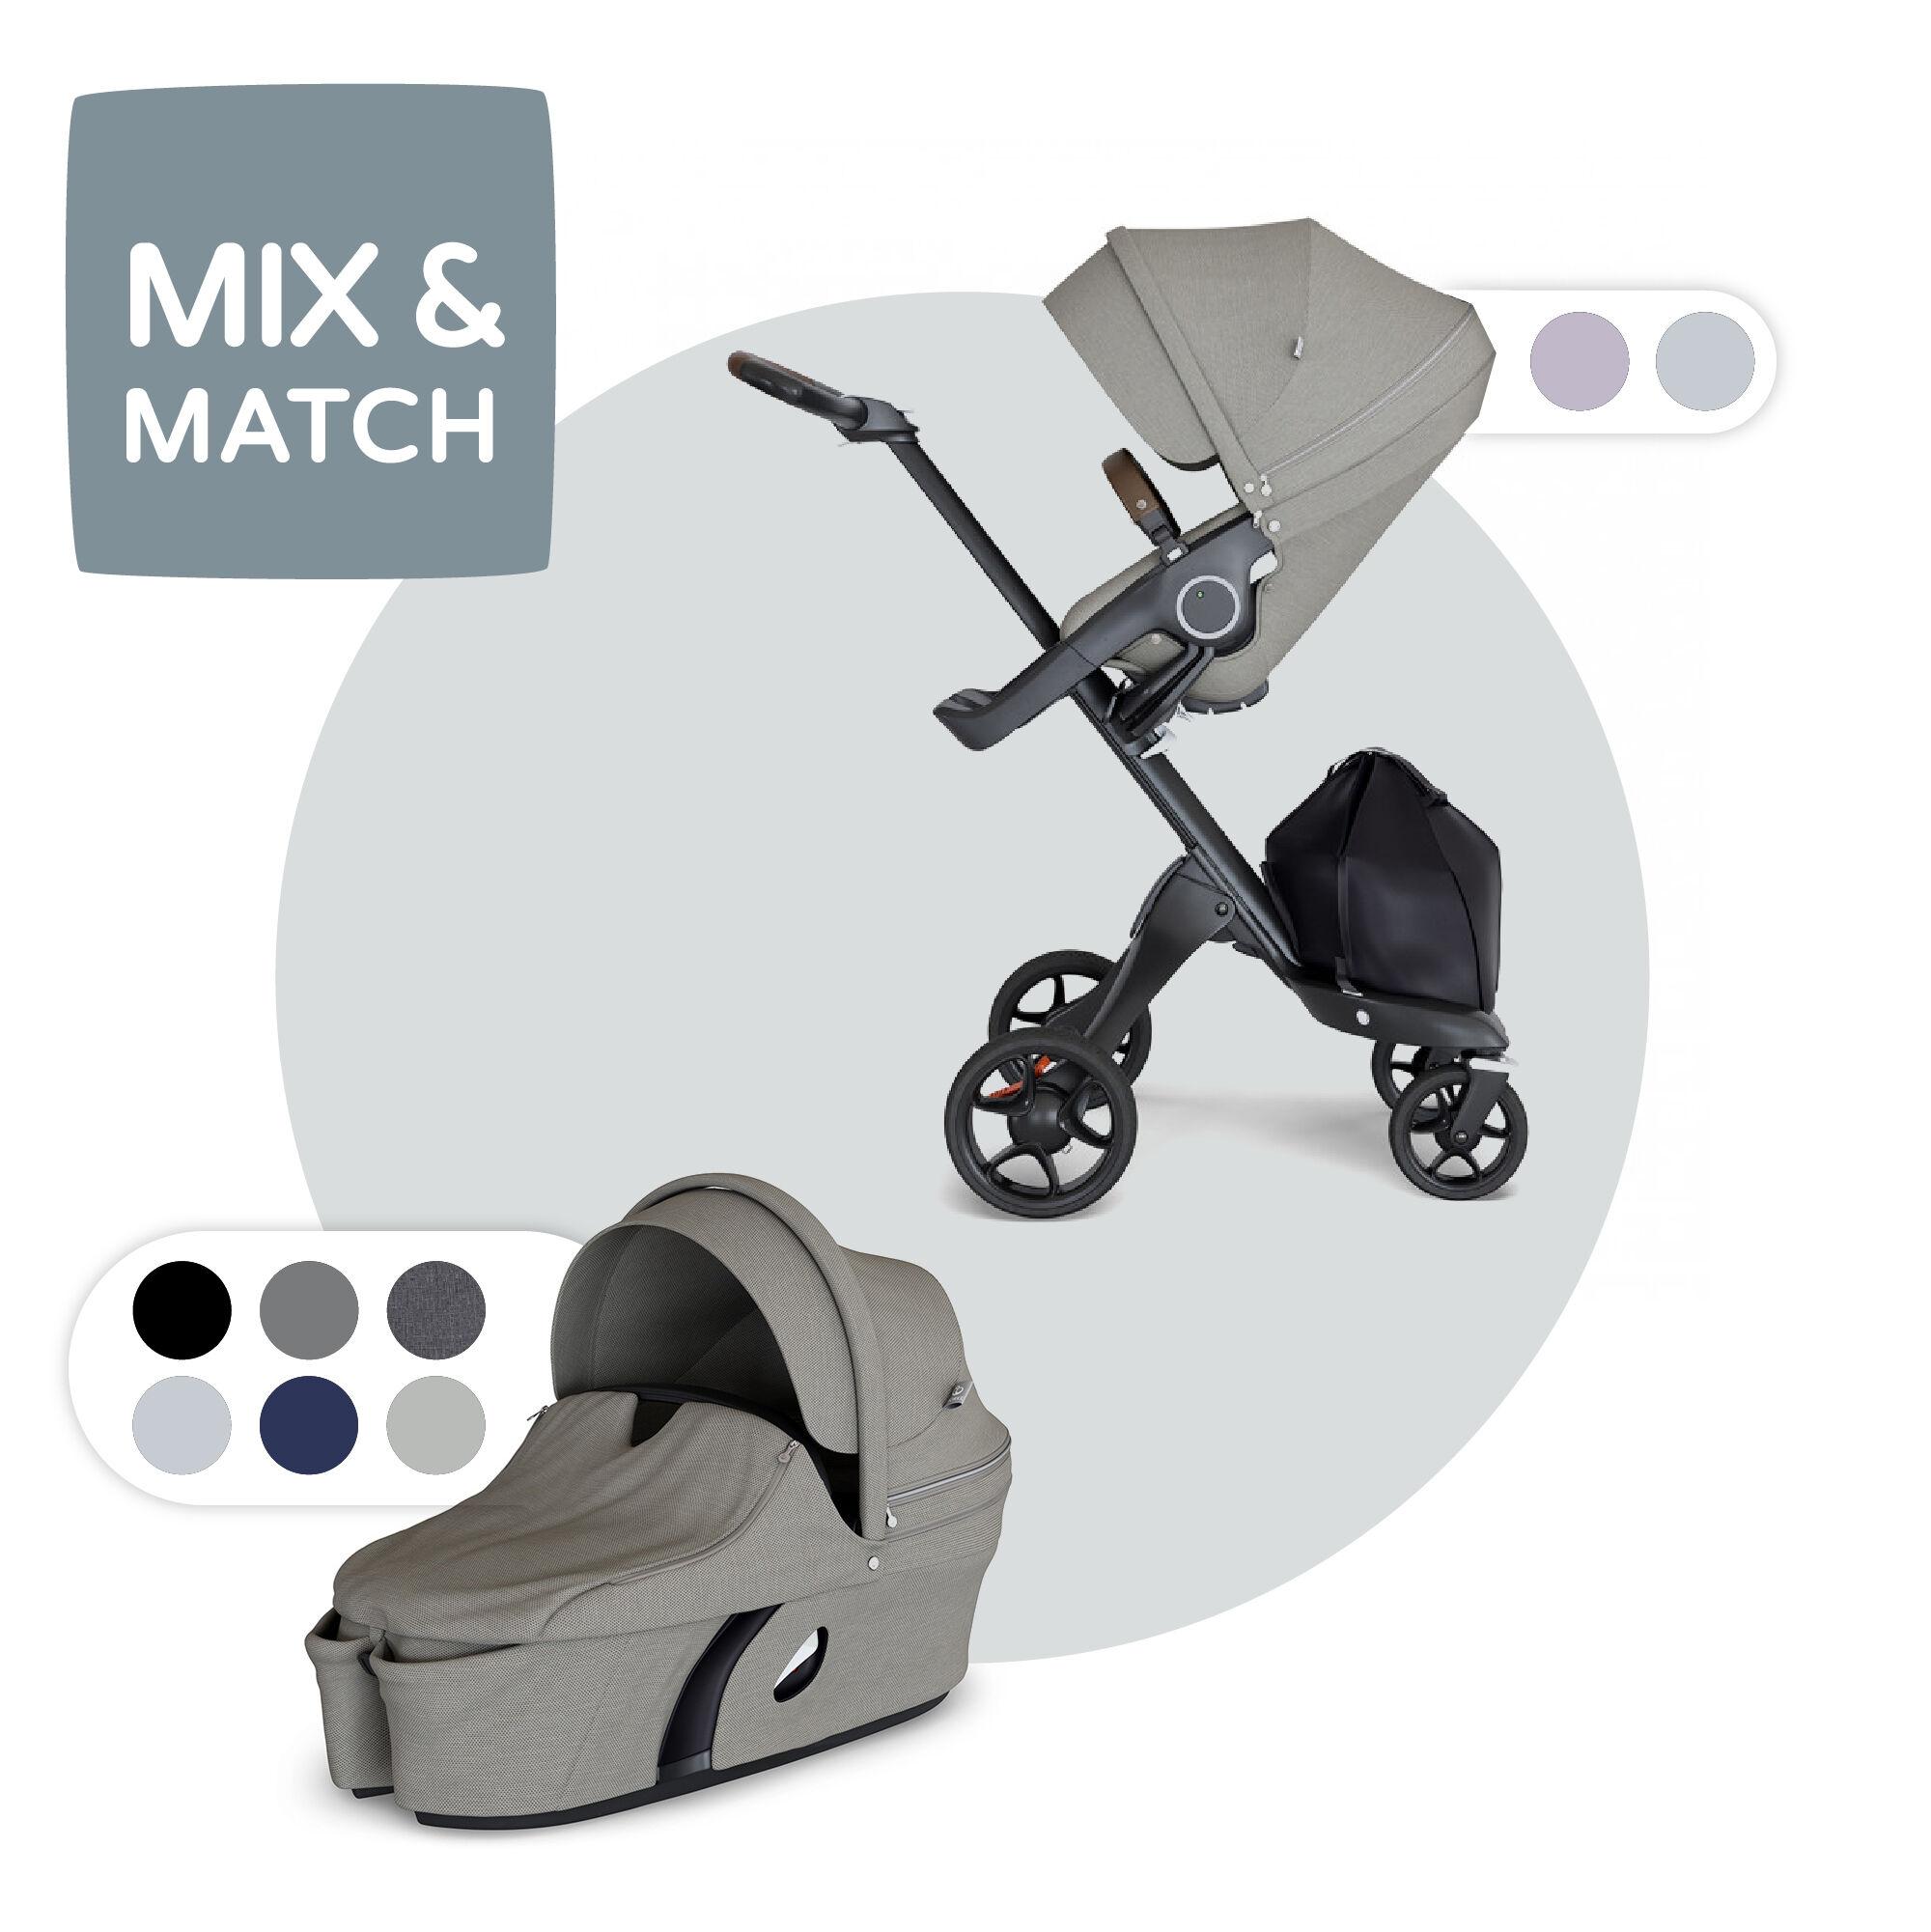 Stokke Xplory Brushed Grey complete kinderwagen +gratis luiertas en voetenzak